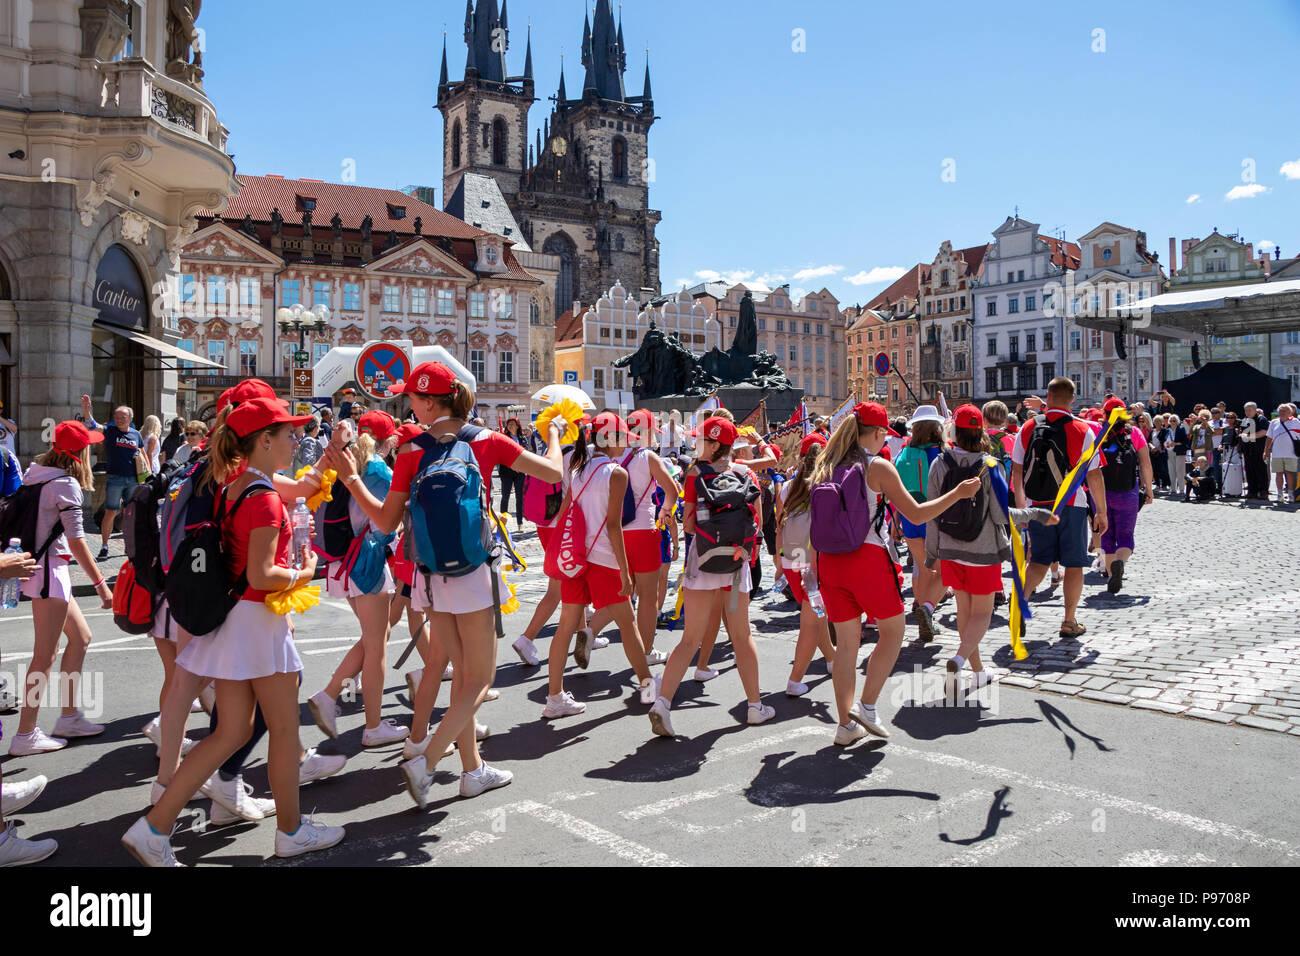 Czech Sports Photos   Czech Sports Images - Alamy 4a06ba94016